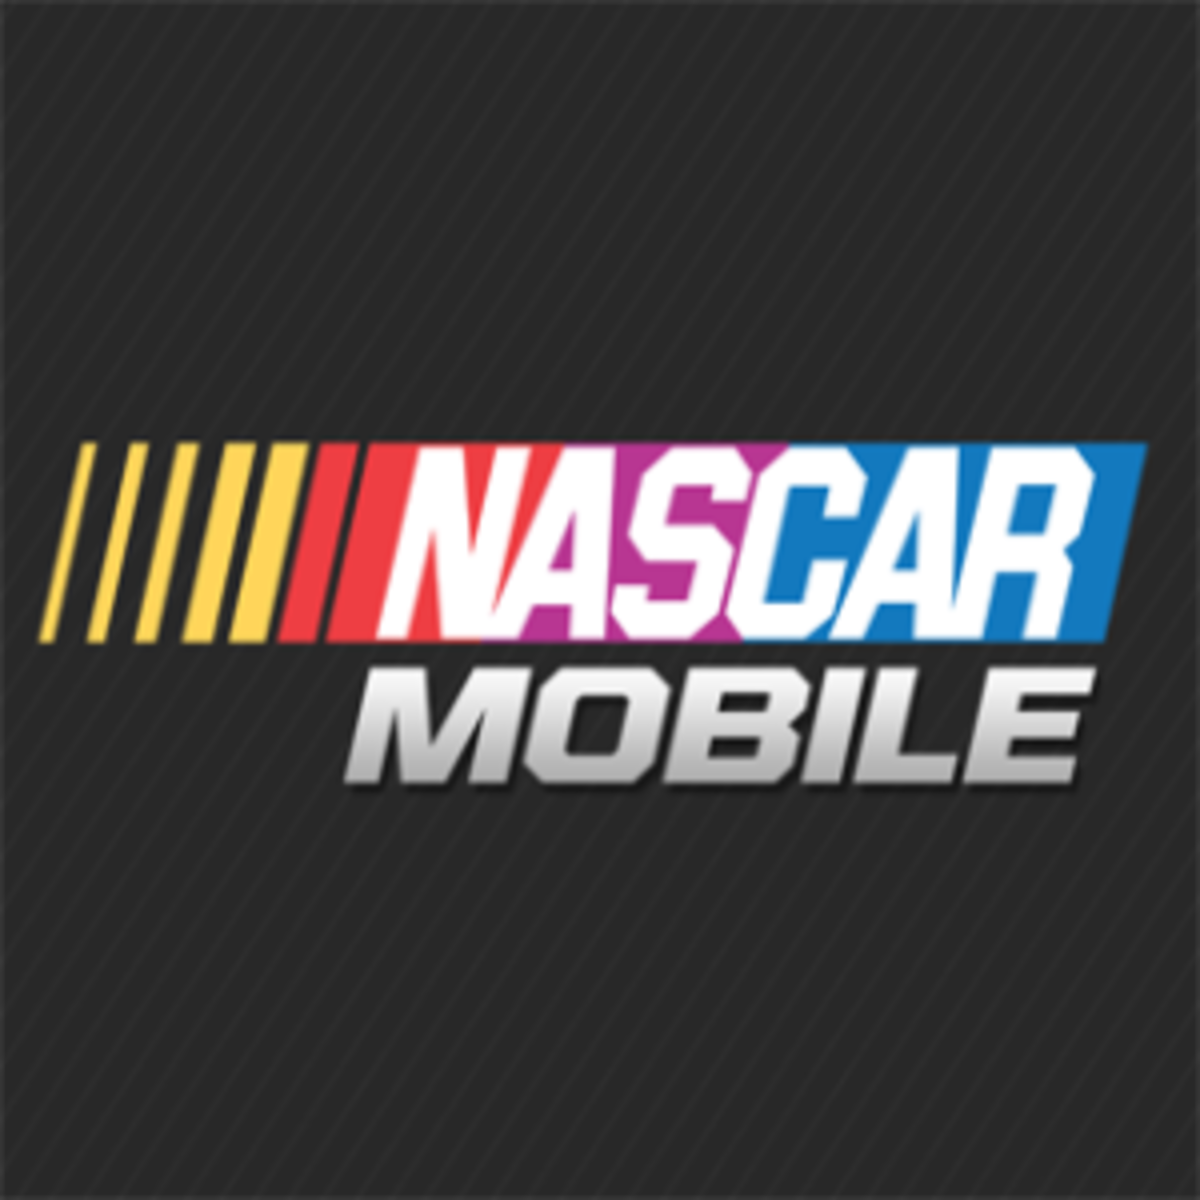 NASCAR live stream: NASCAR Mobile